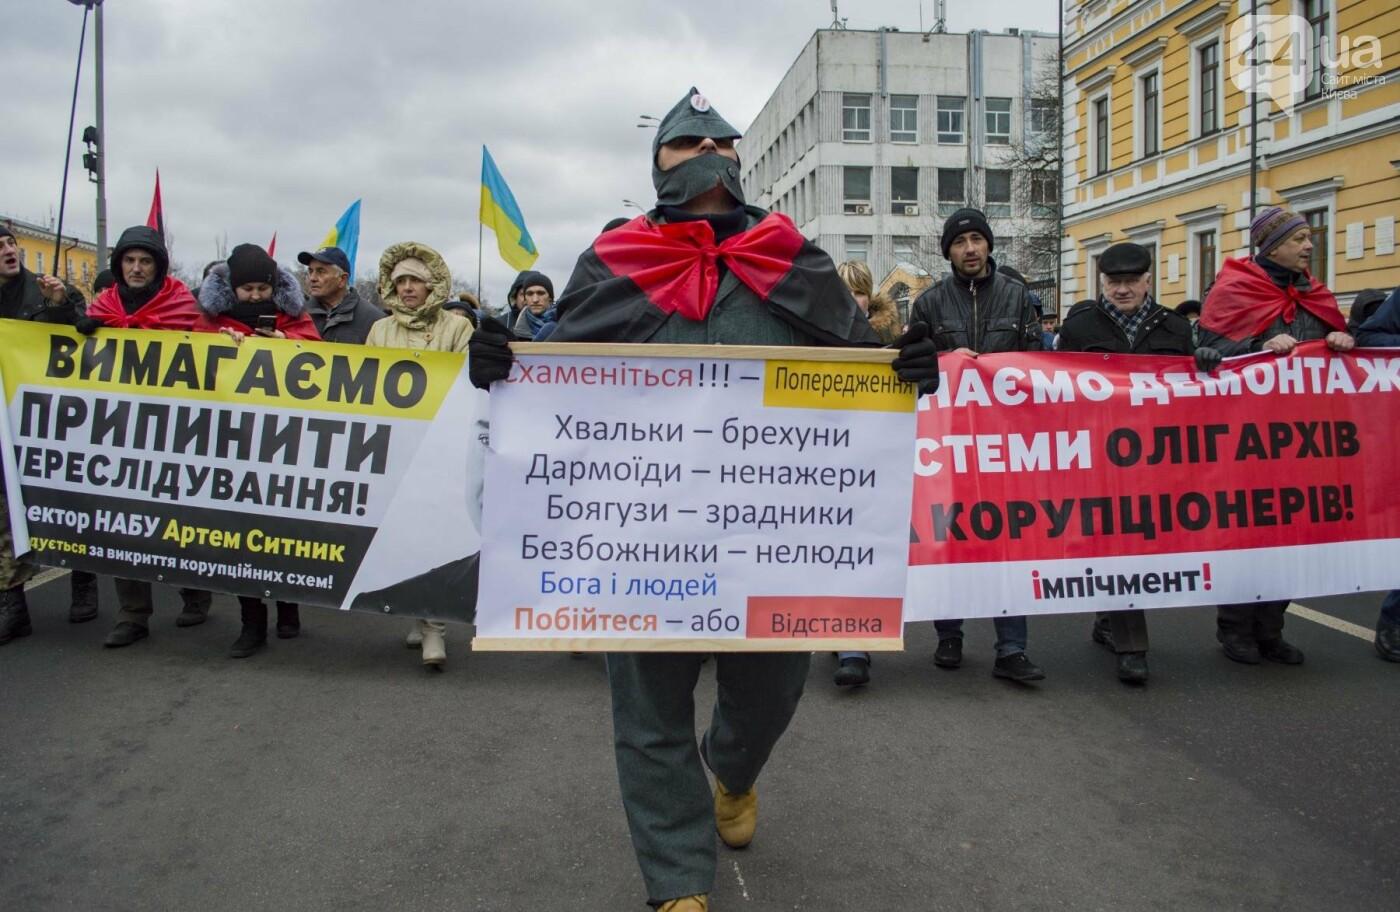 Порошенко дали 14 дней на отставку: Саакашвили провел очередной марш за импичмент, фото-4